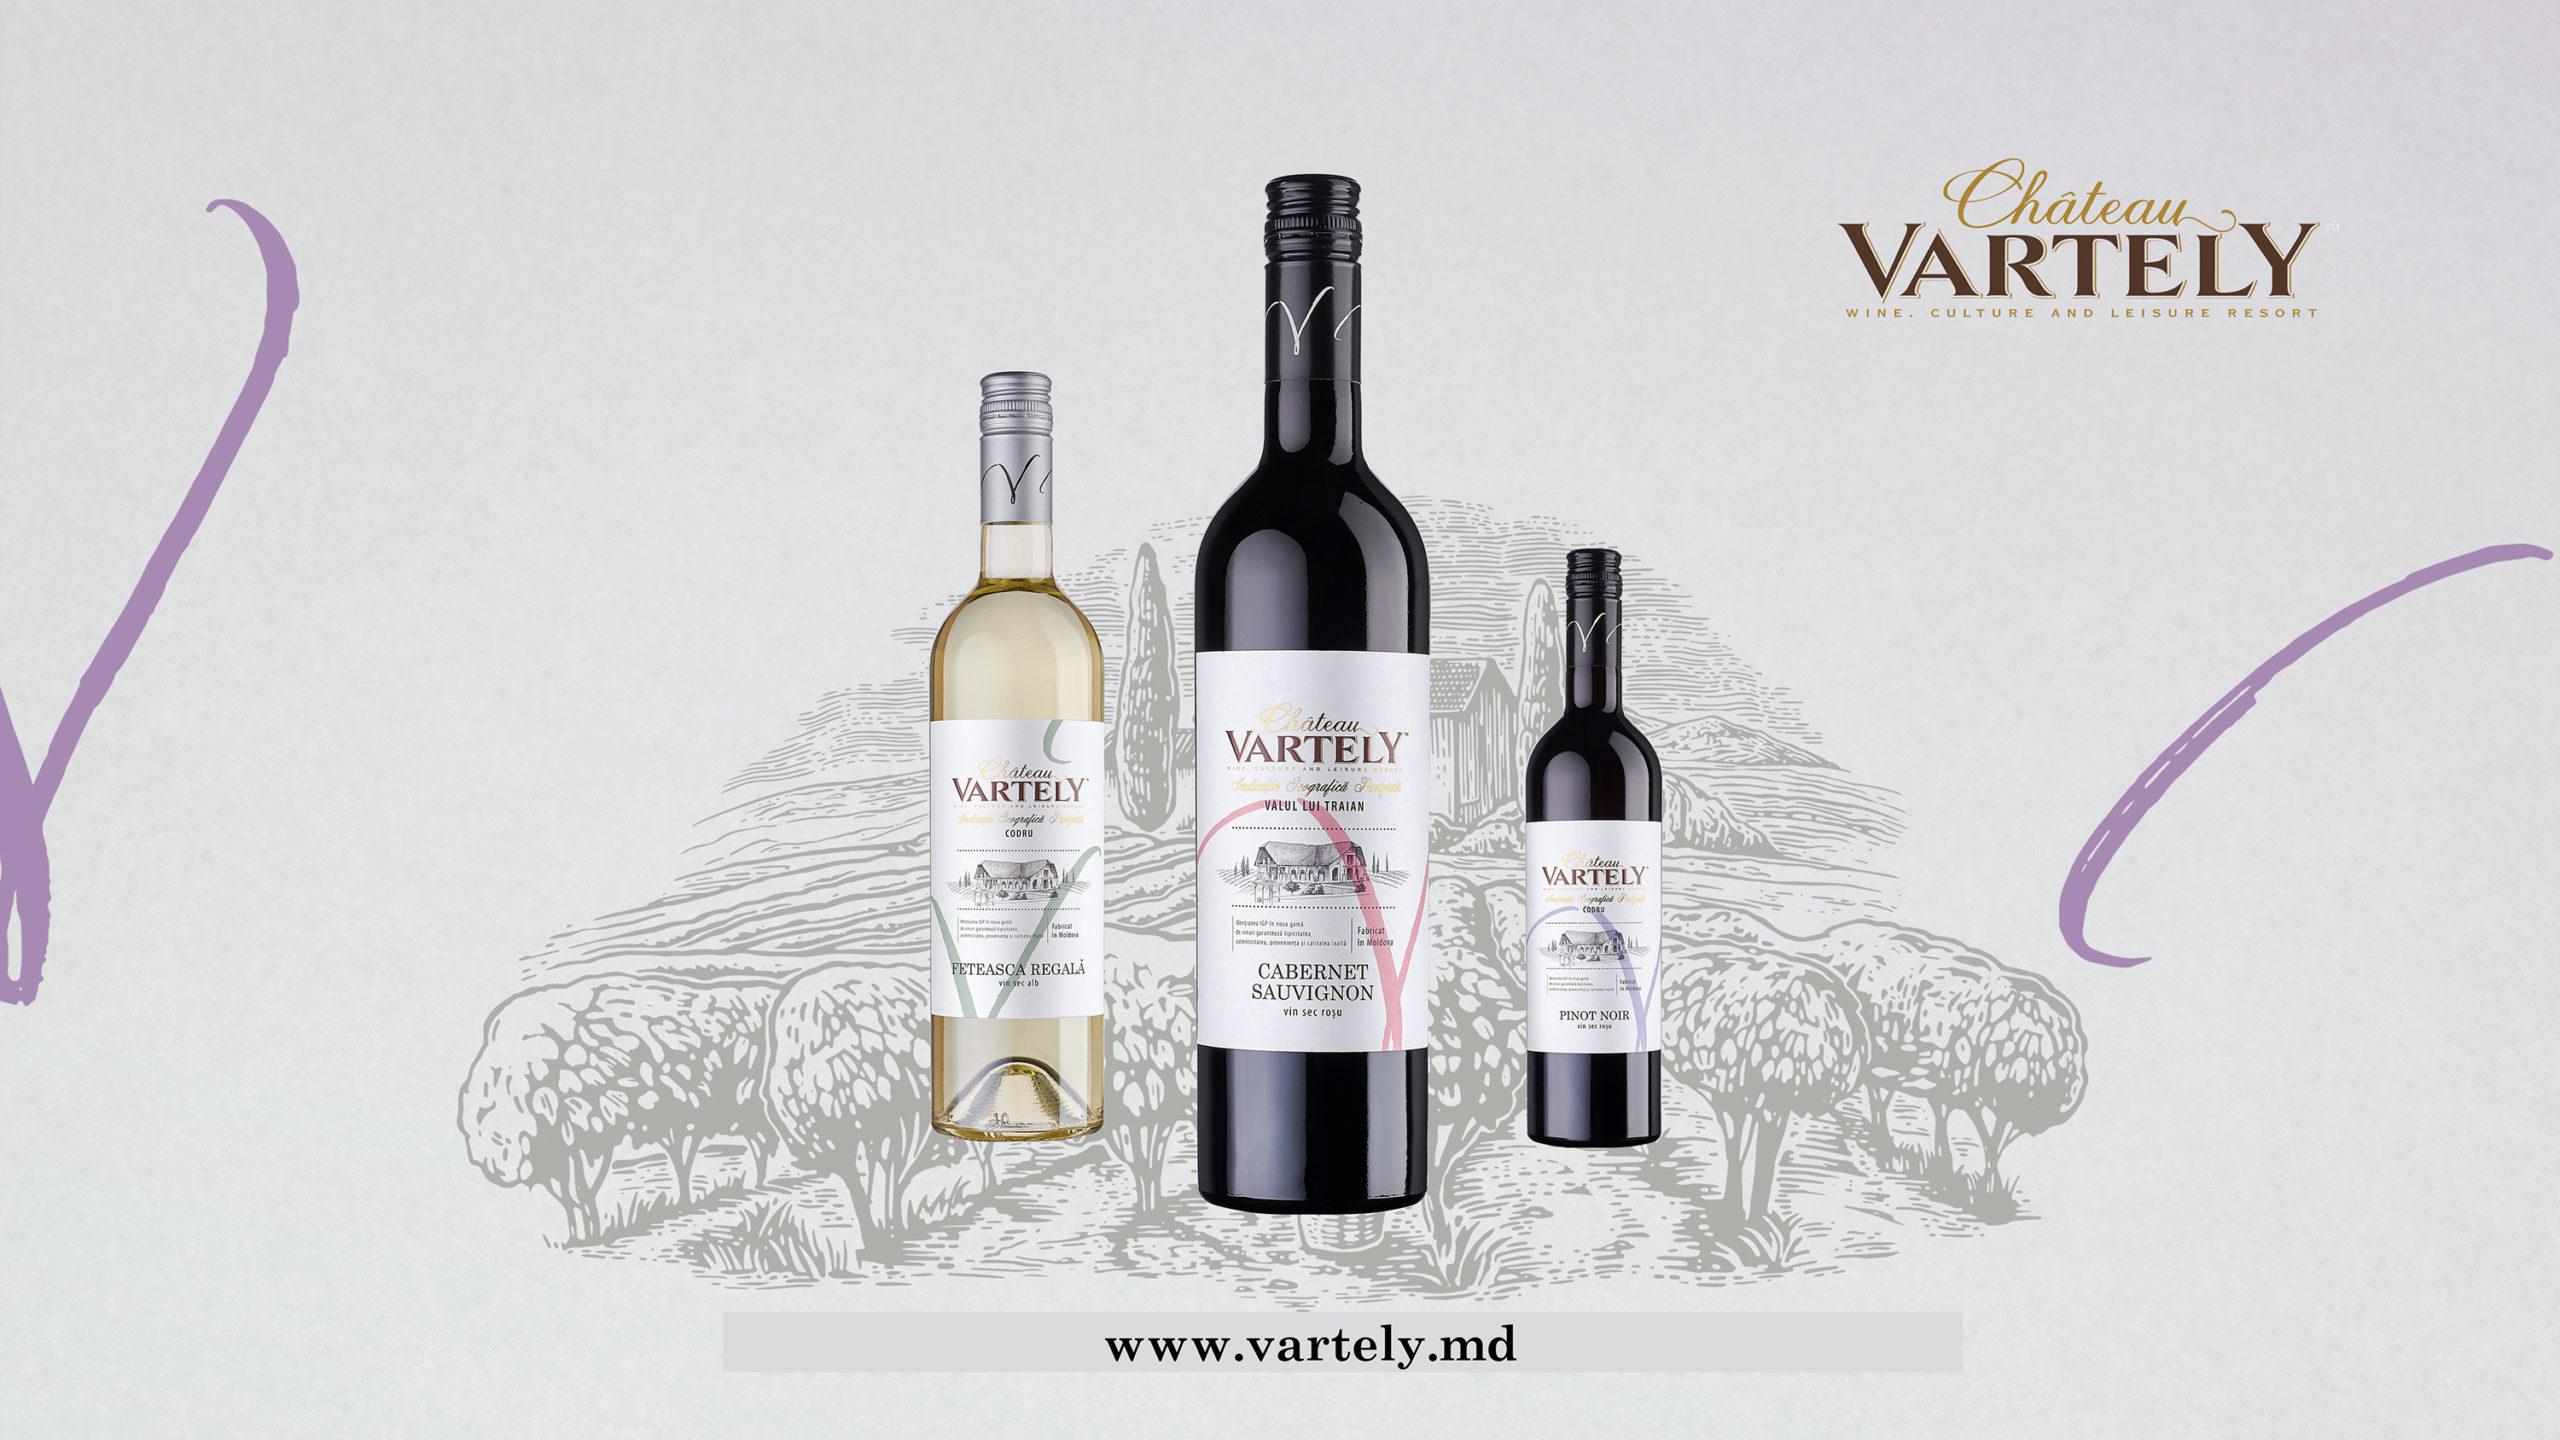 Chateau Vartely презентует новую коллекцию вин с защищенным географическим указанием (IGP/ЗГУ)